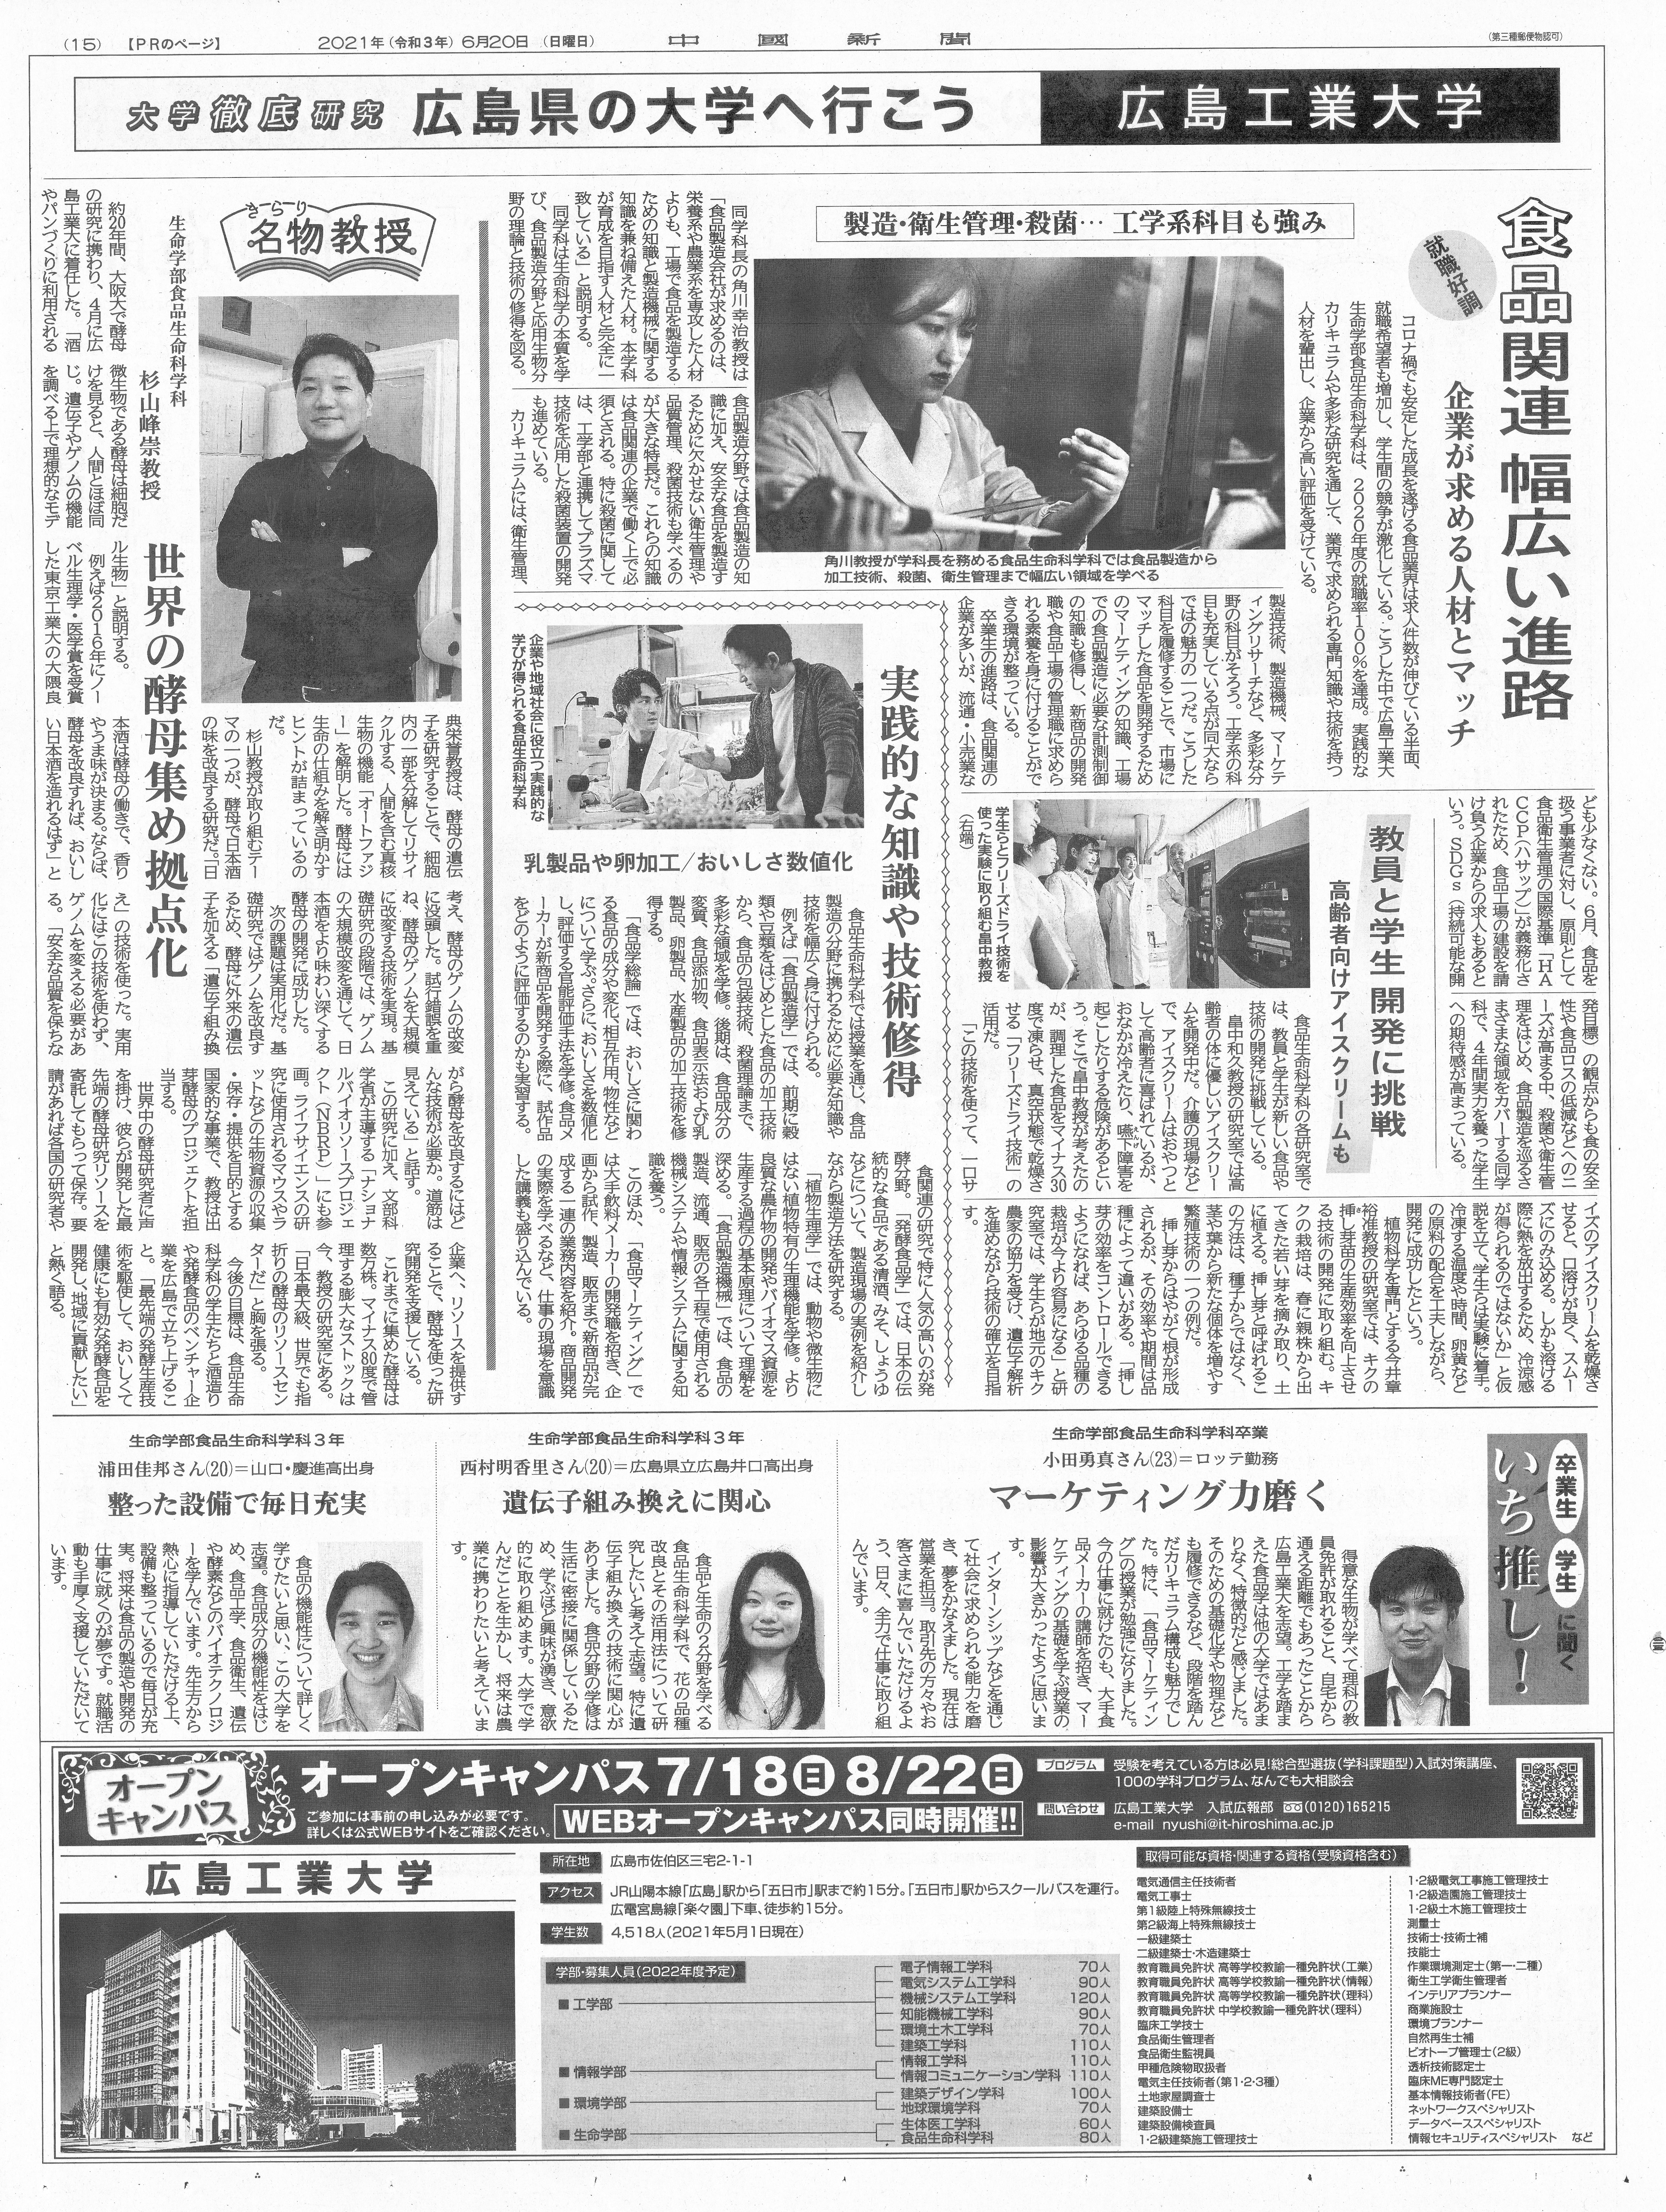 (中国新聞_大学徹底研究).png